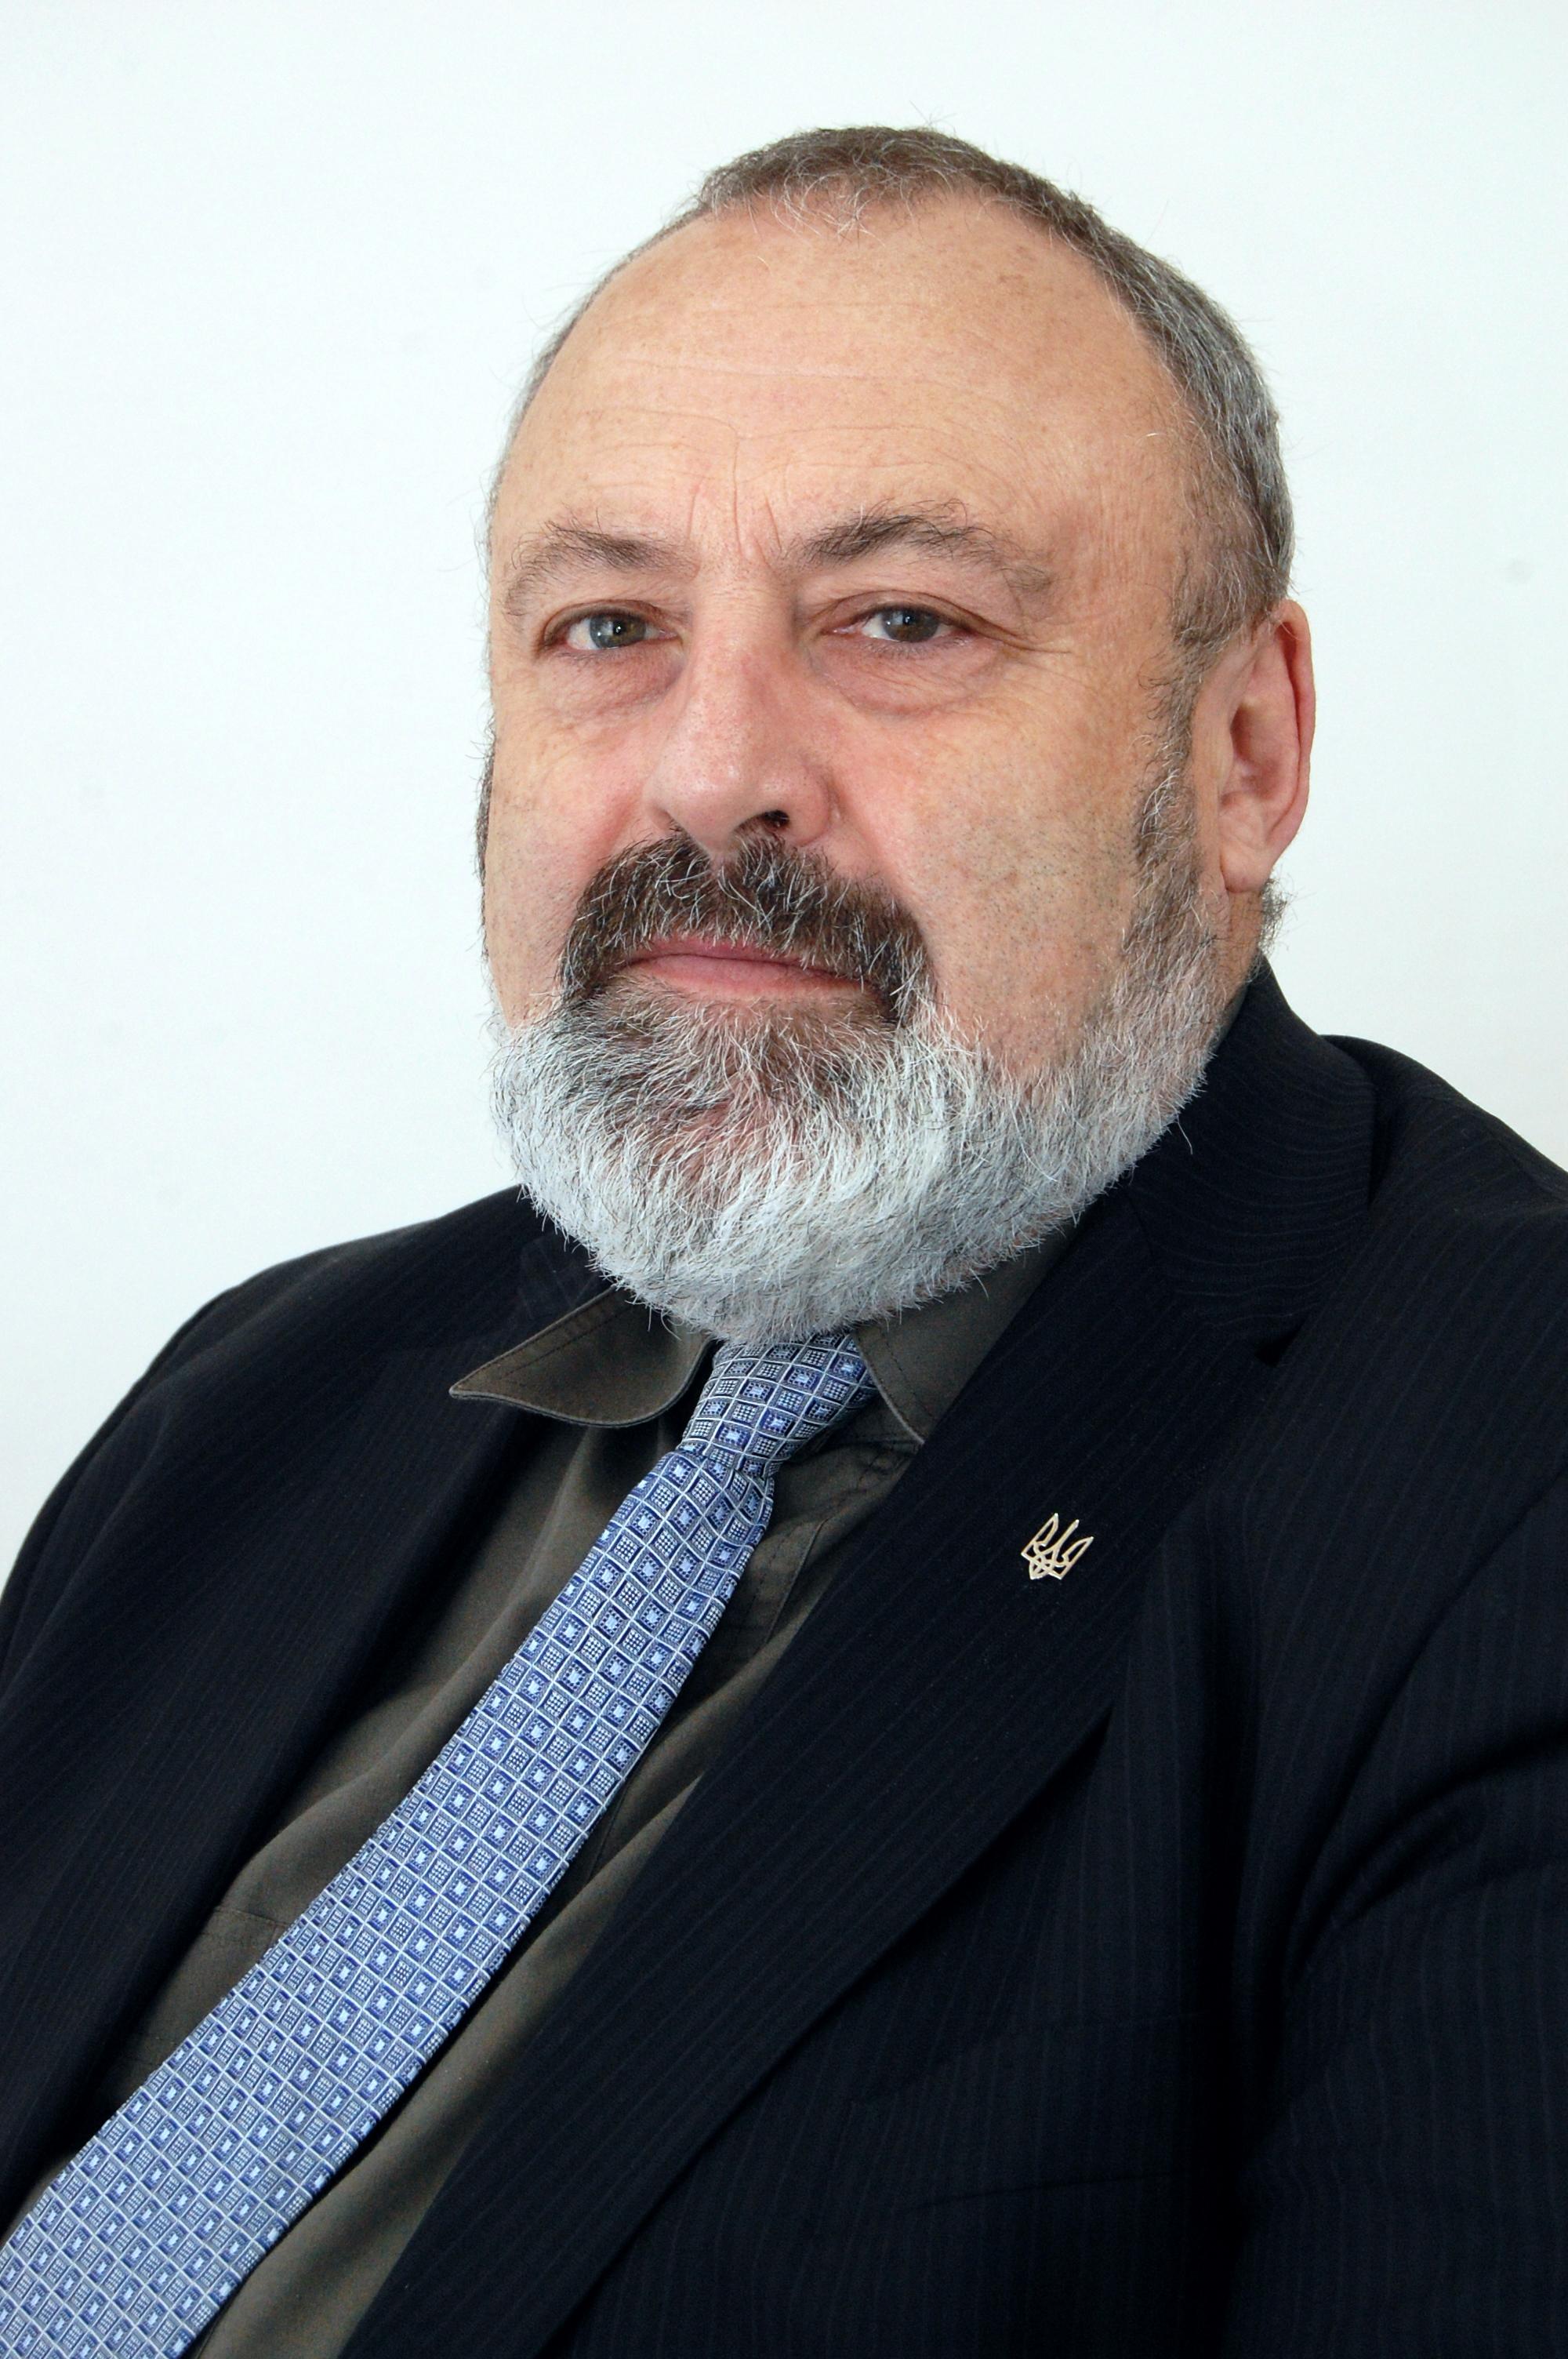 Grischenko